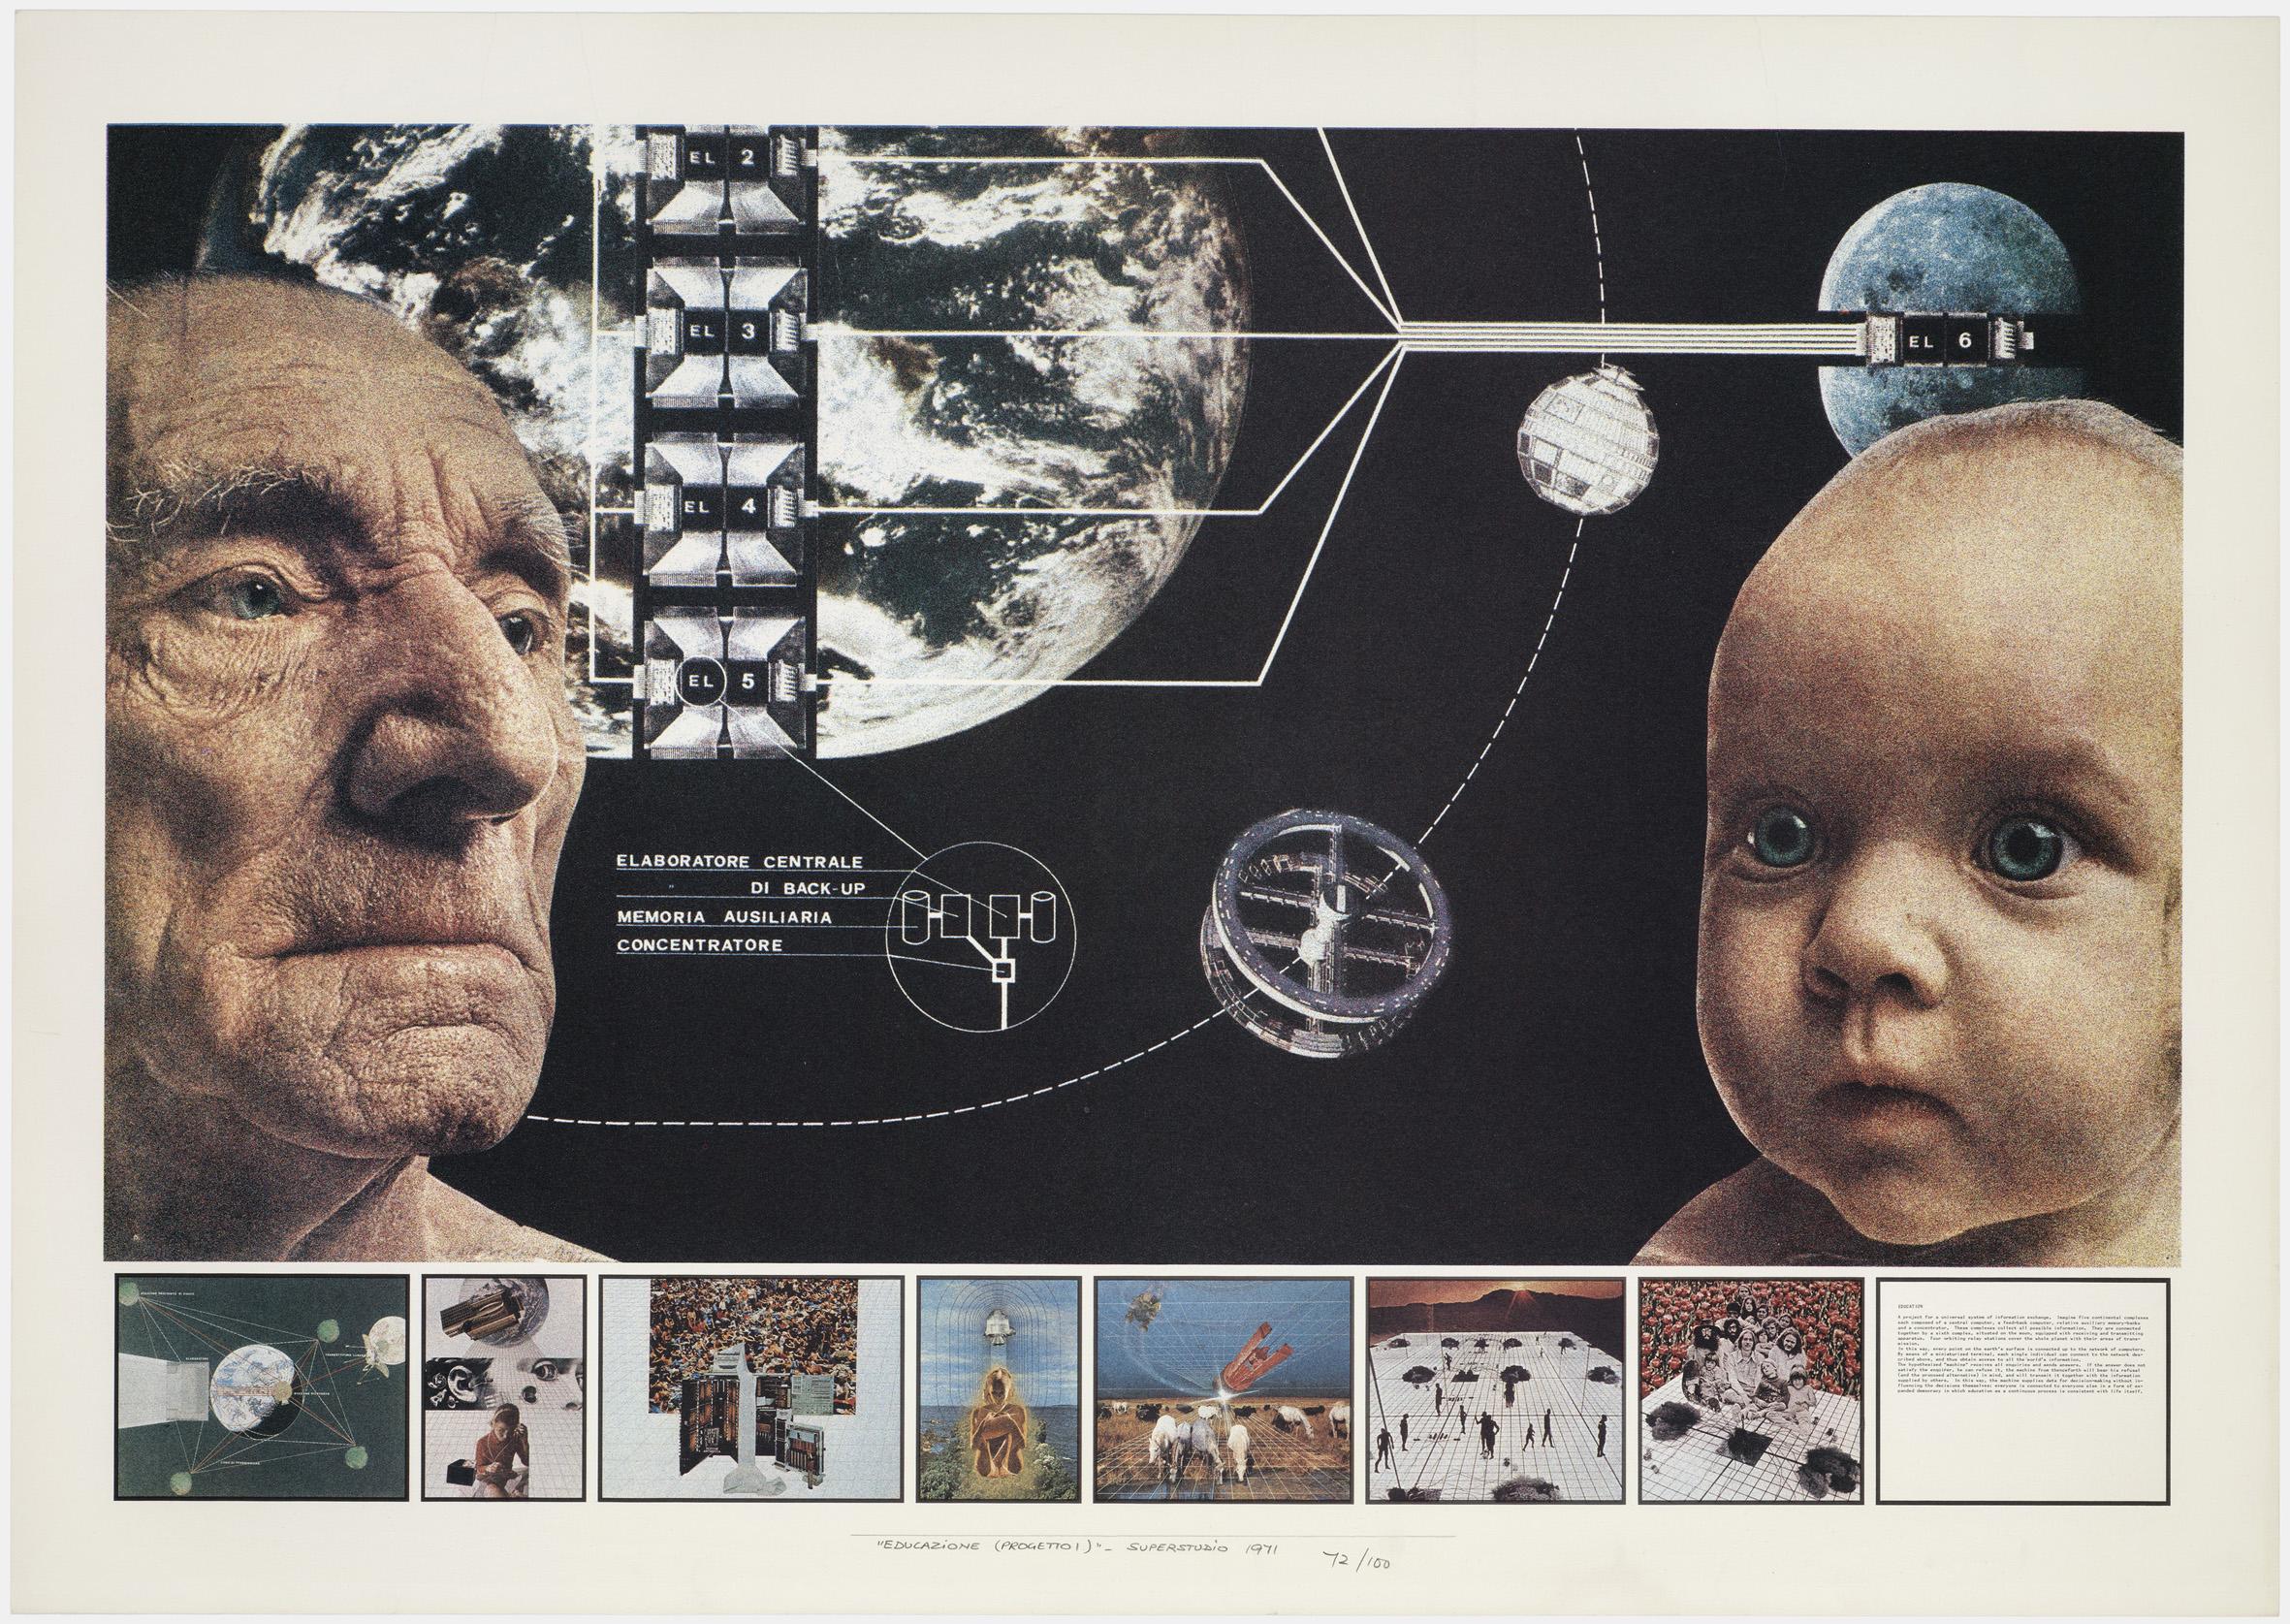 Superstudio, Atti Fondamentali. Educazione. Progetto 1, 1971, litografia, courtesy Fondazione MAXXI